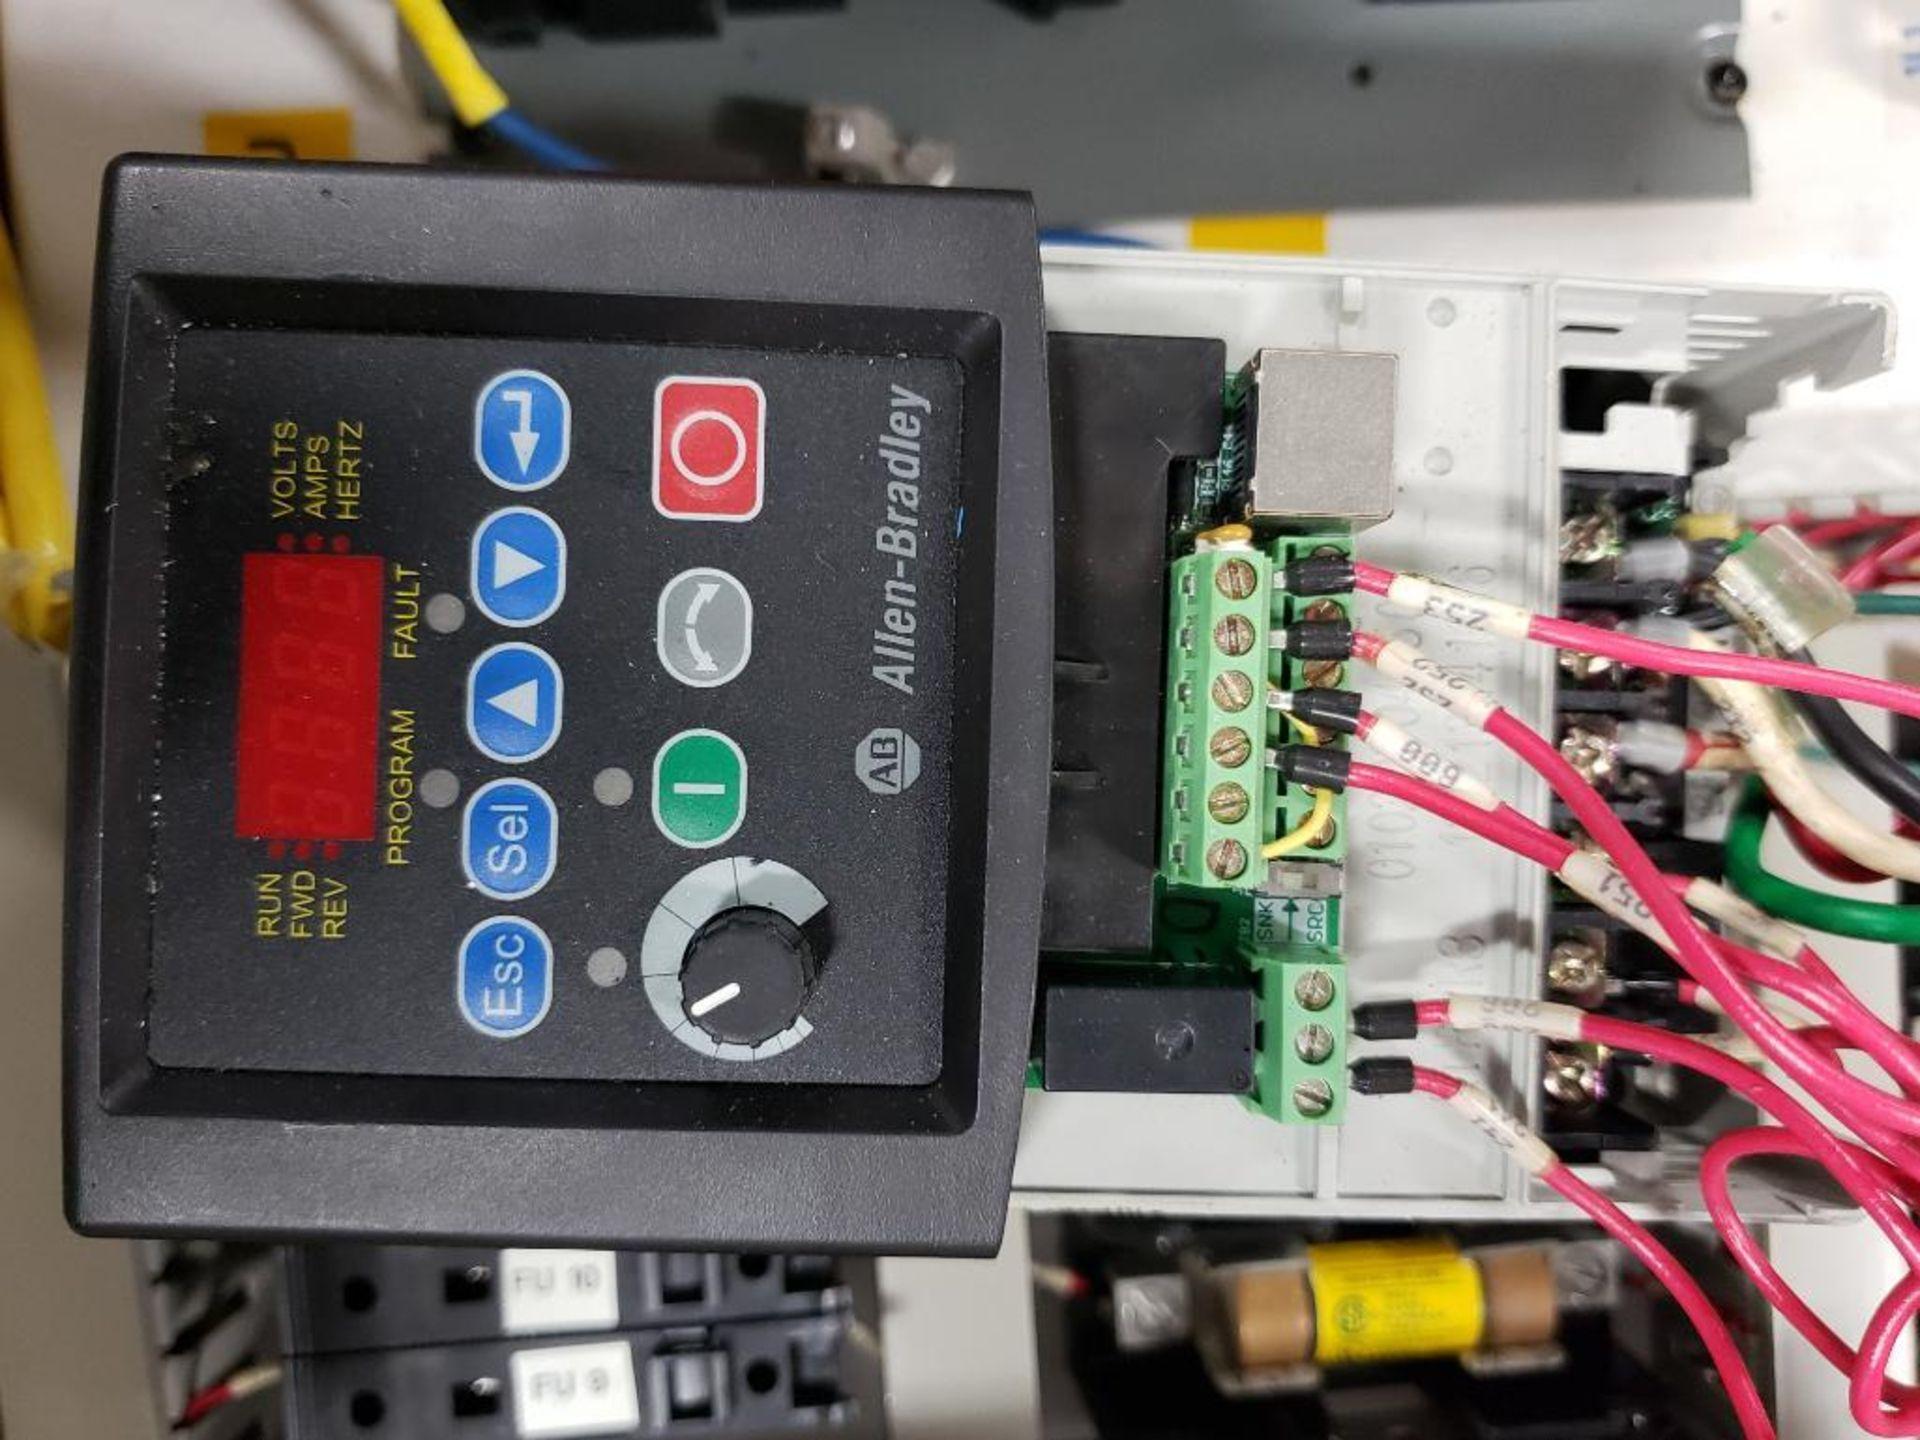 Chiller control cabinet. Hoffman enclosure, Cutler Hammer AF93AG0B007D drive, Allen Bradley drive. - Image 23 of 35